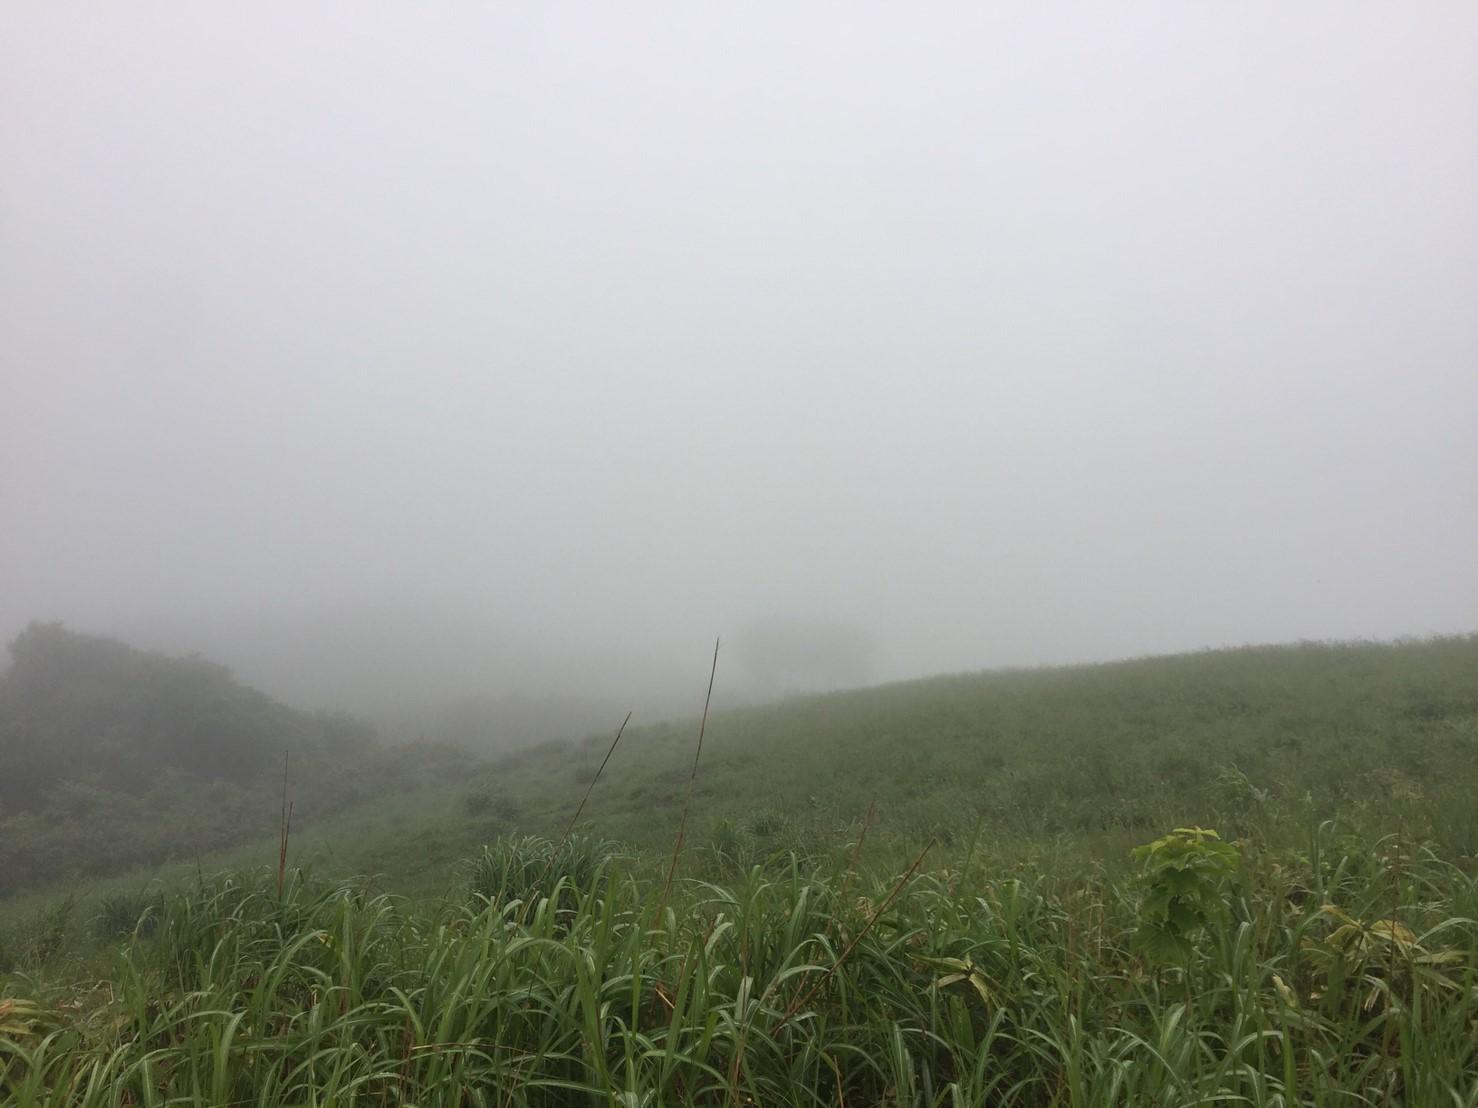 河合谷高原・水とのふれあい広場の水 ・田村牧場_e0115904_13143853.jpg